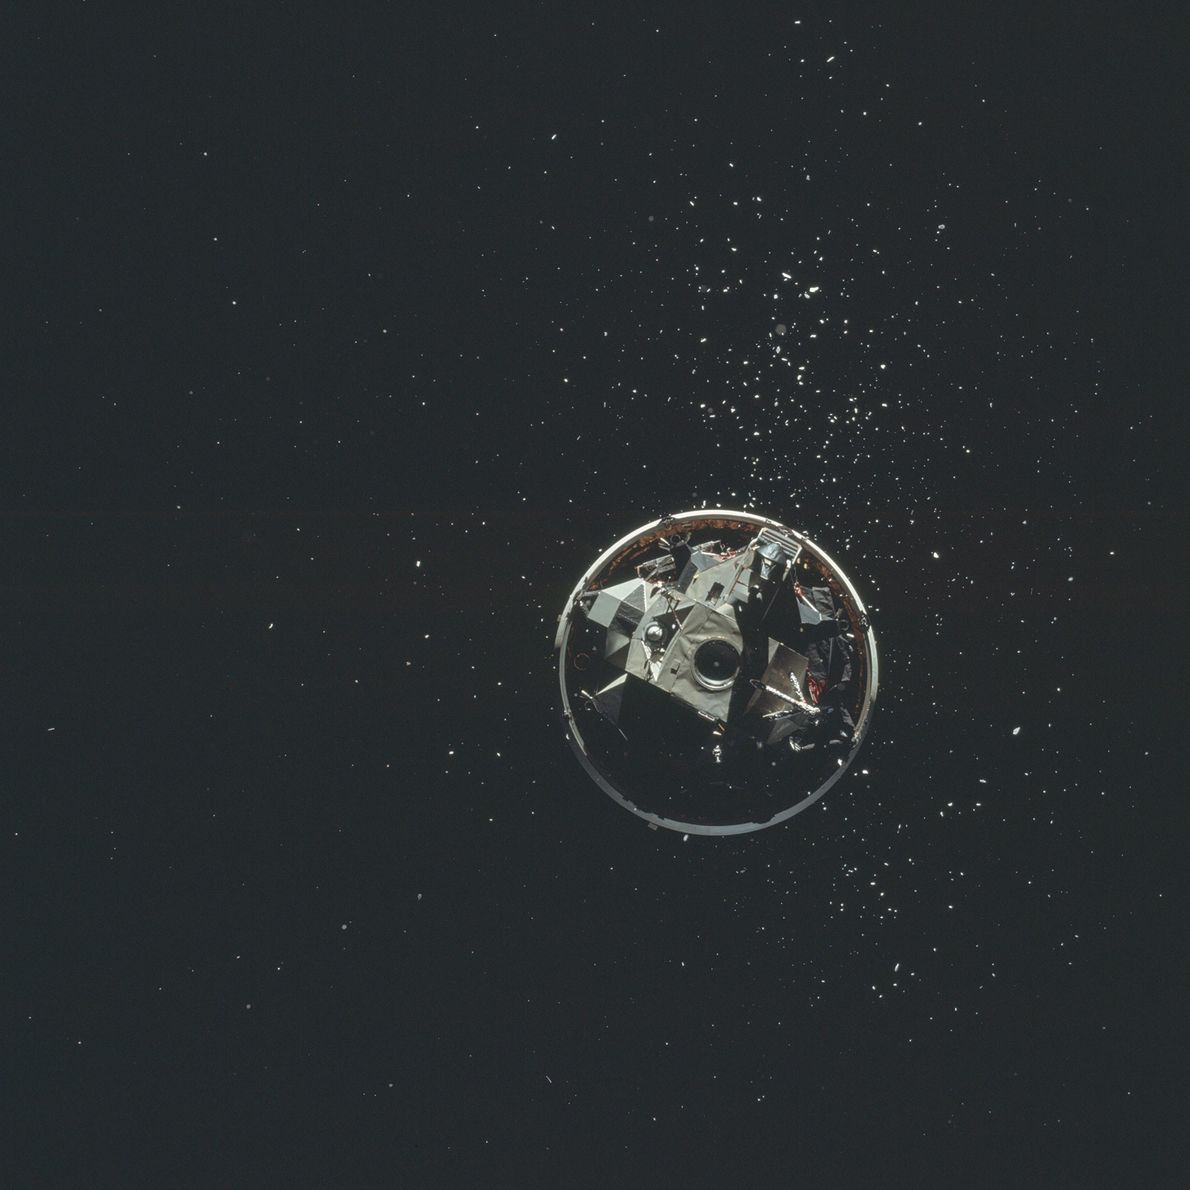 Apolo 17